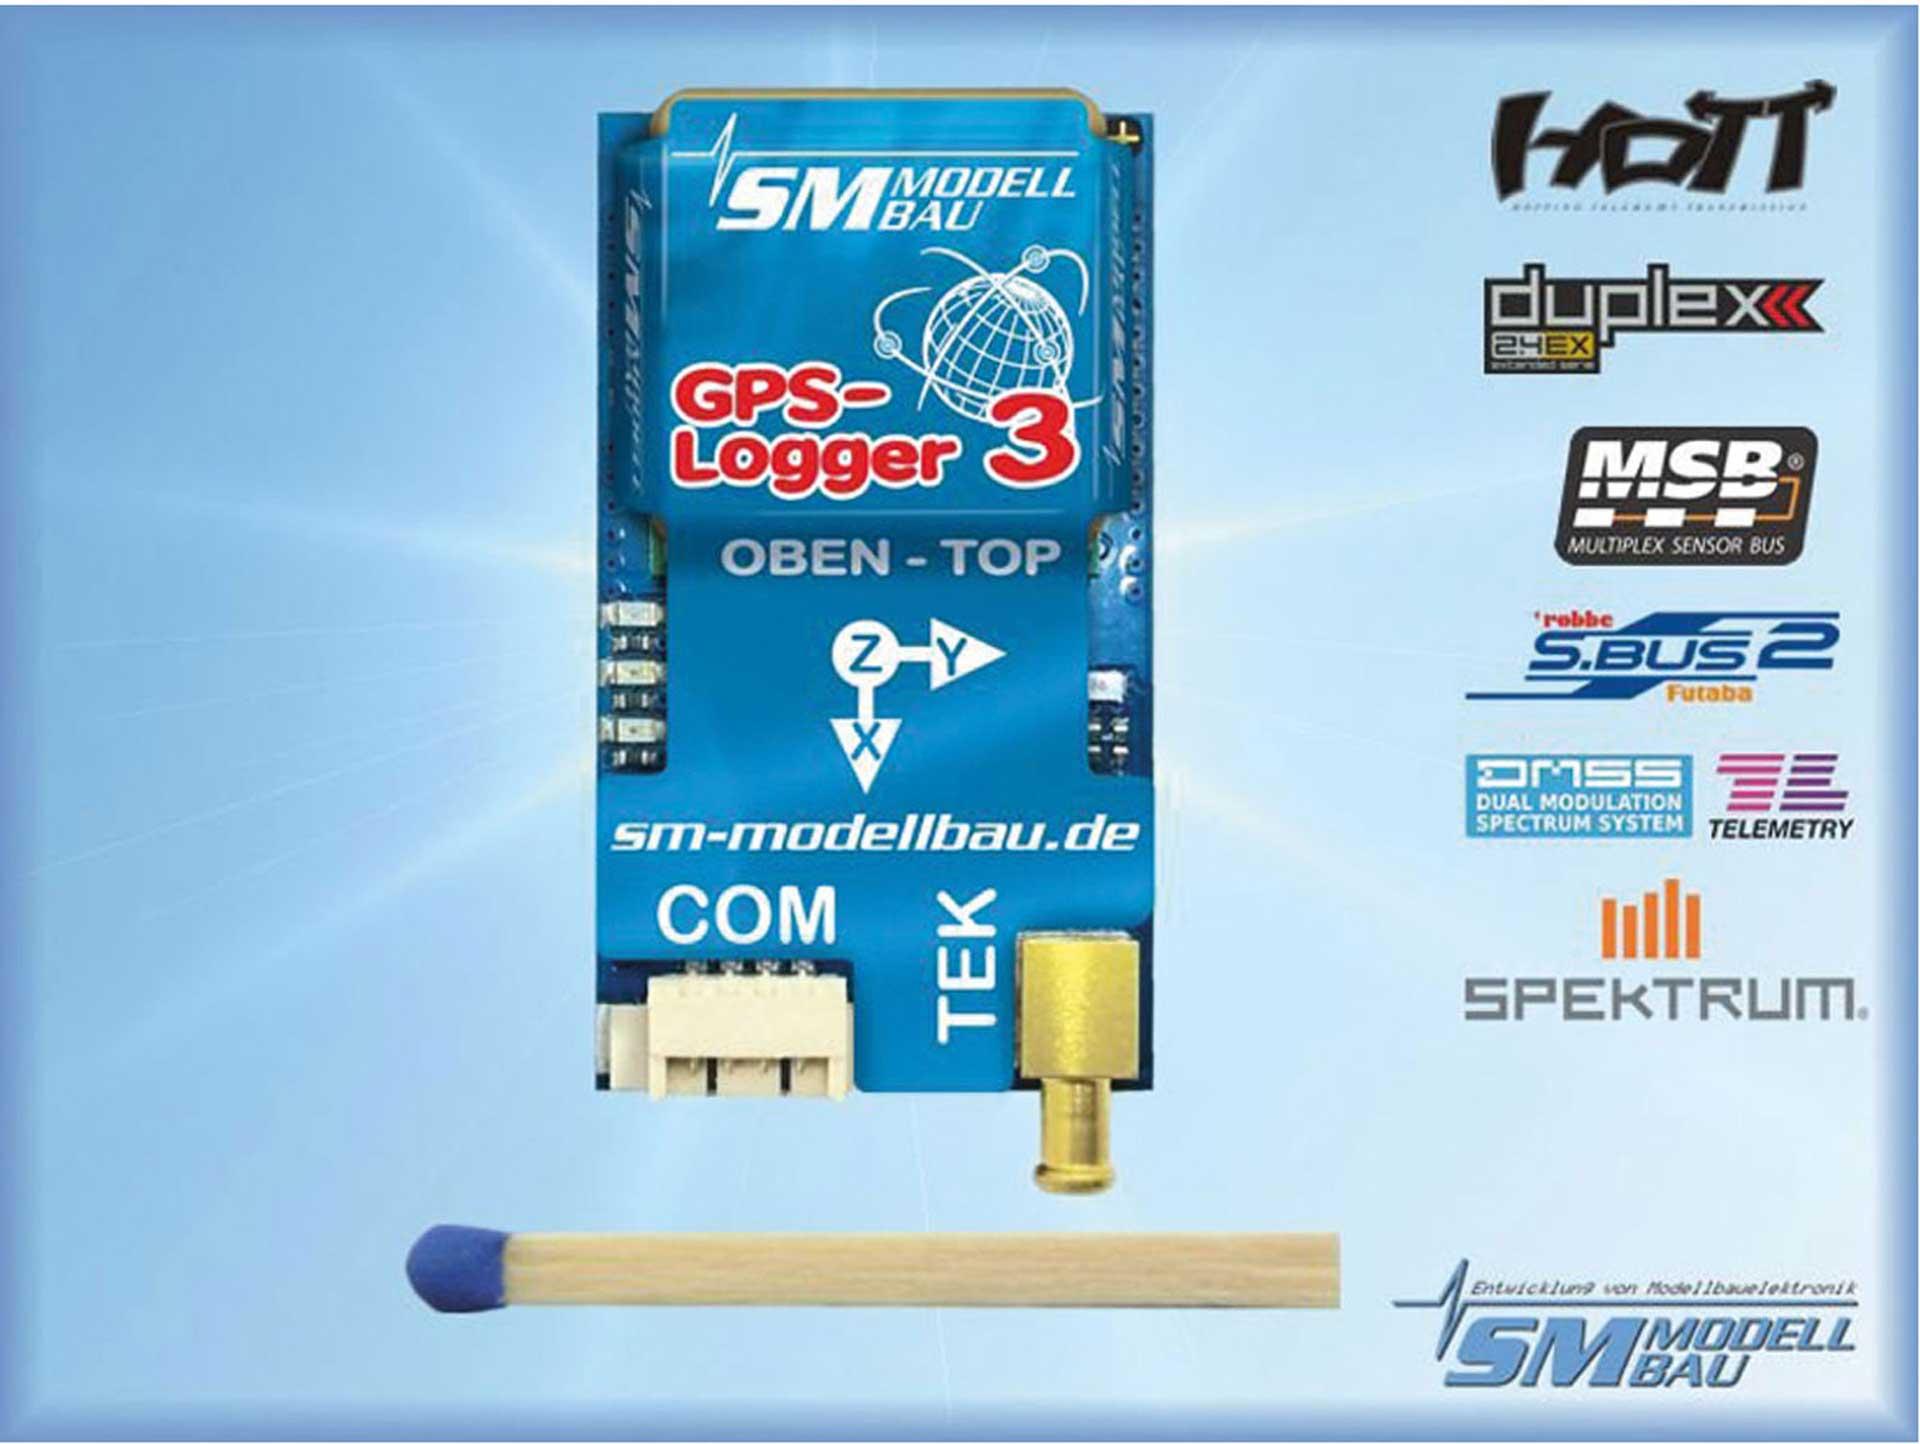 SM-Modellbau GPS LOGGER 3 TELEMETRY DATA LOGGER